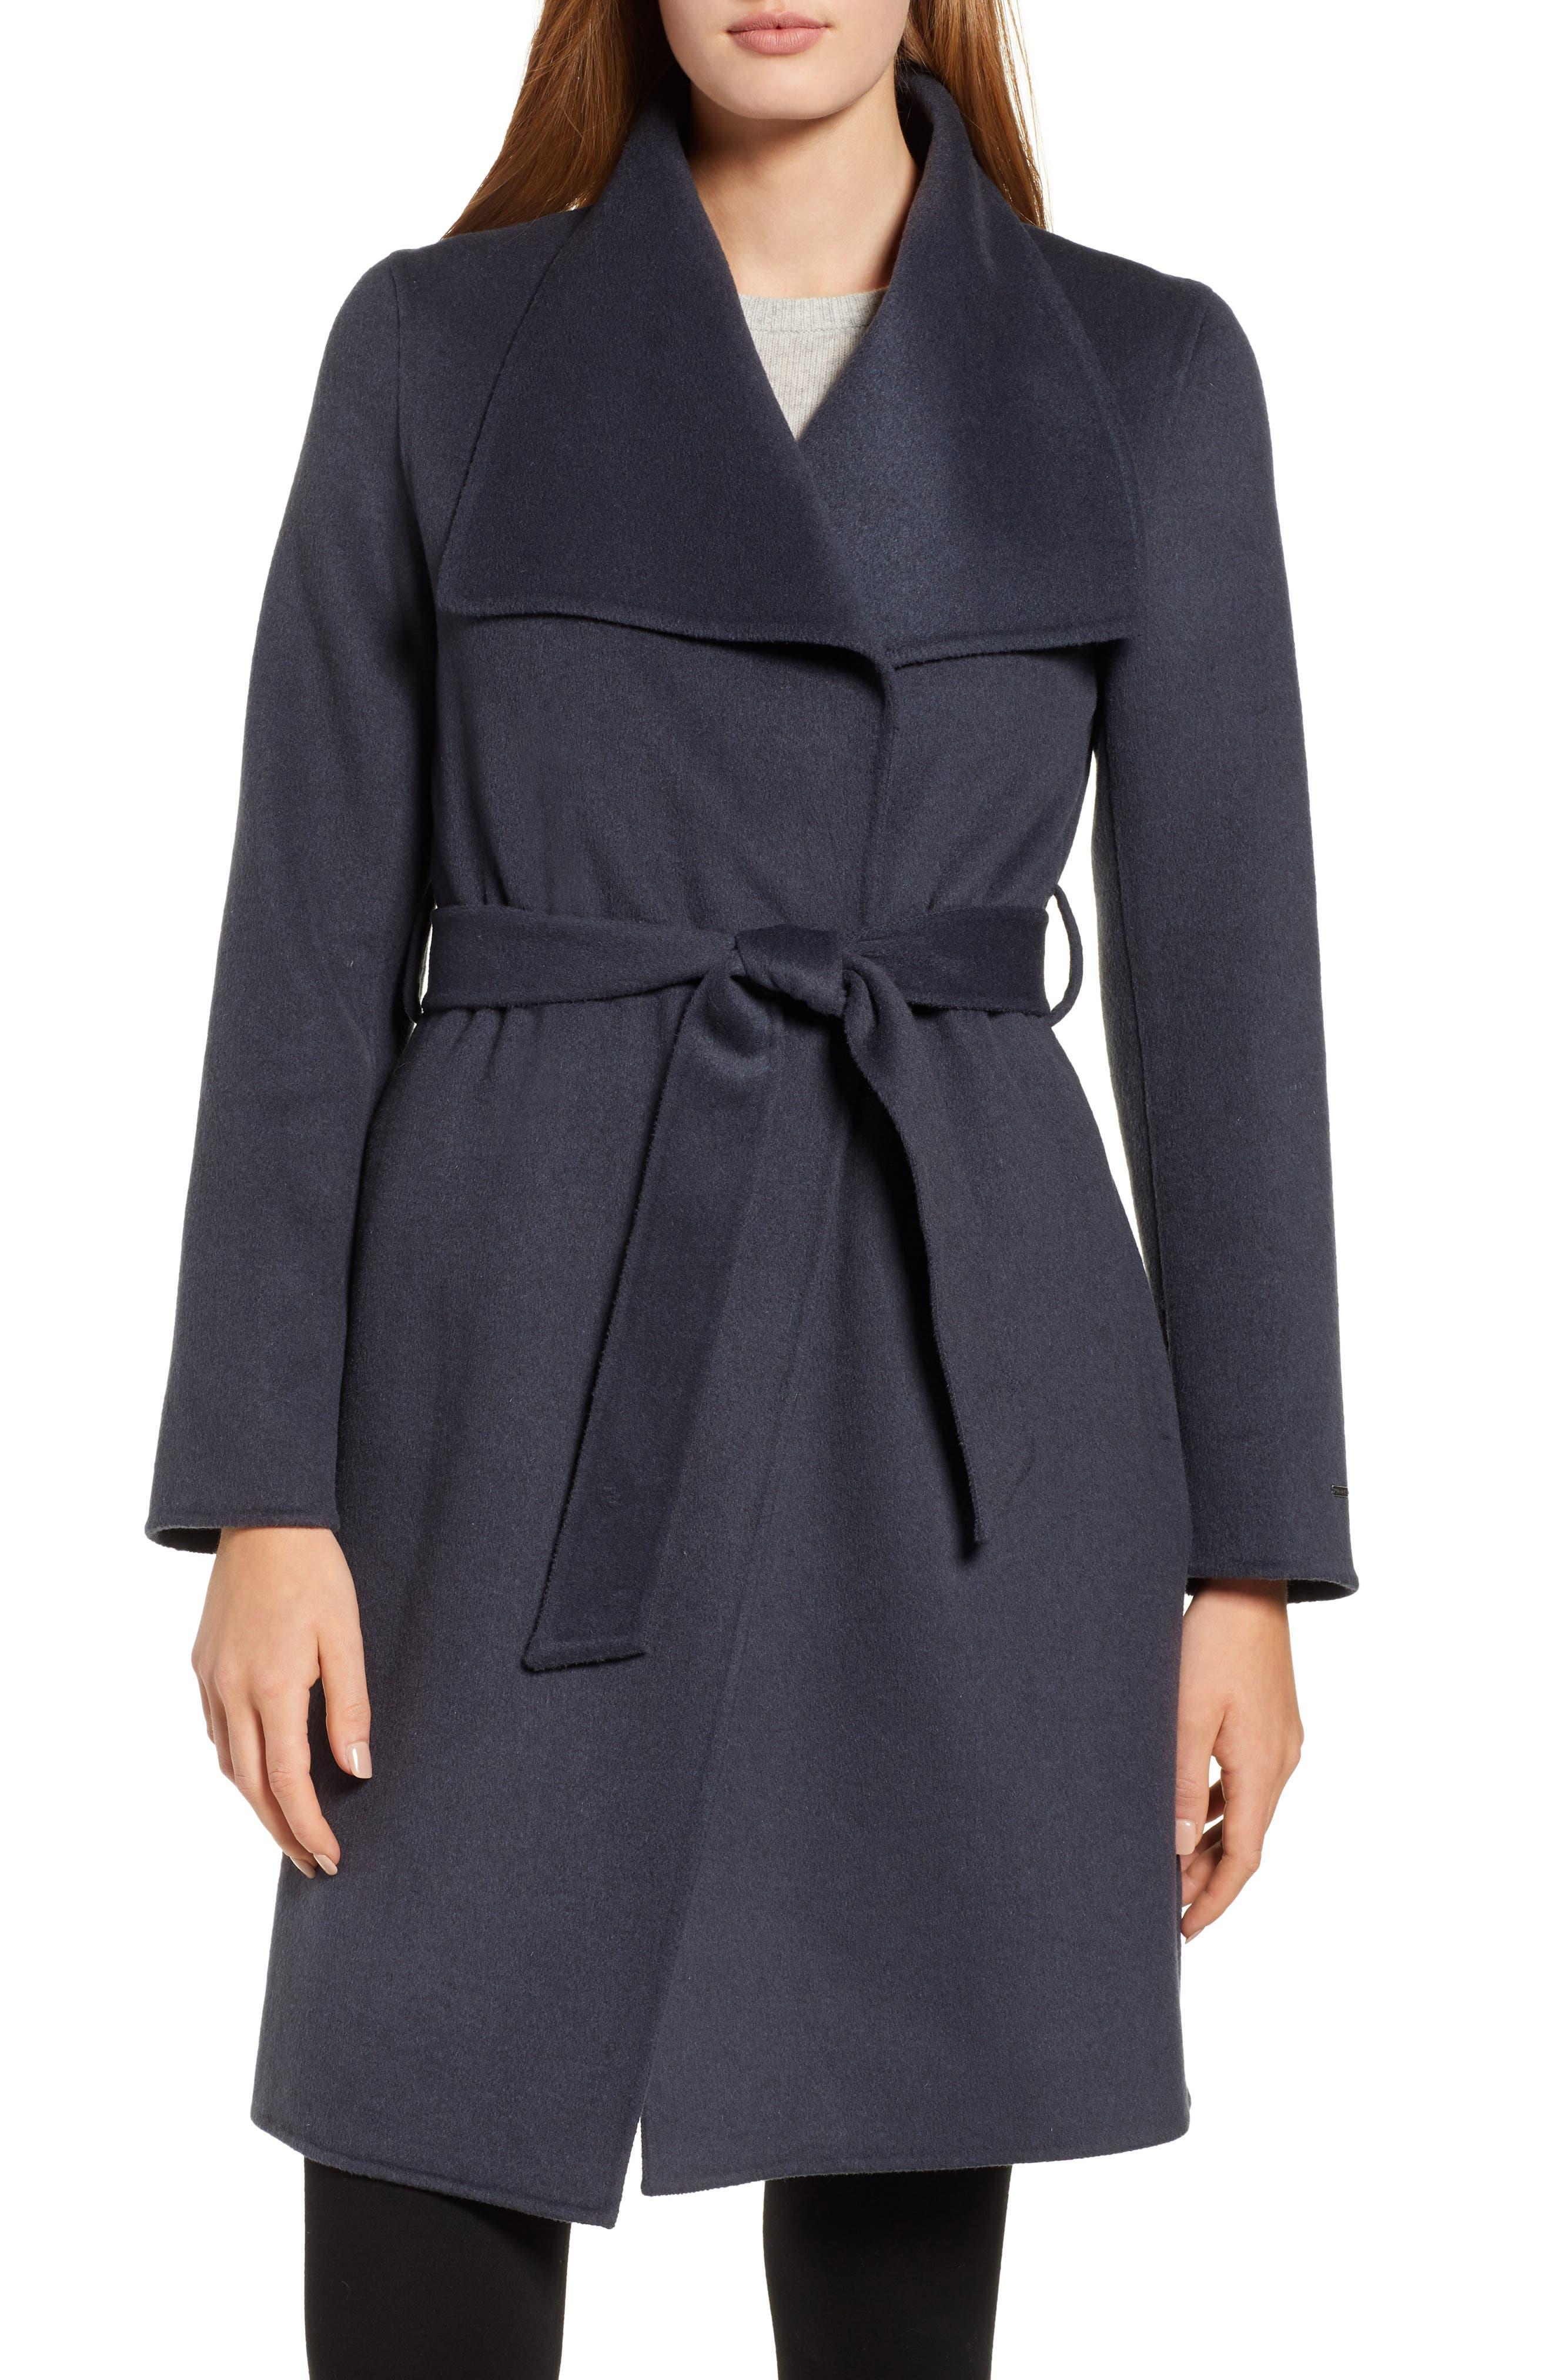 Ellie Double Face Wool Blend Wrap Coat,                             Main thumbnail 1, color,                             020